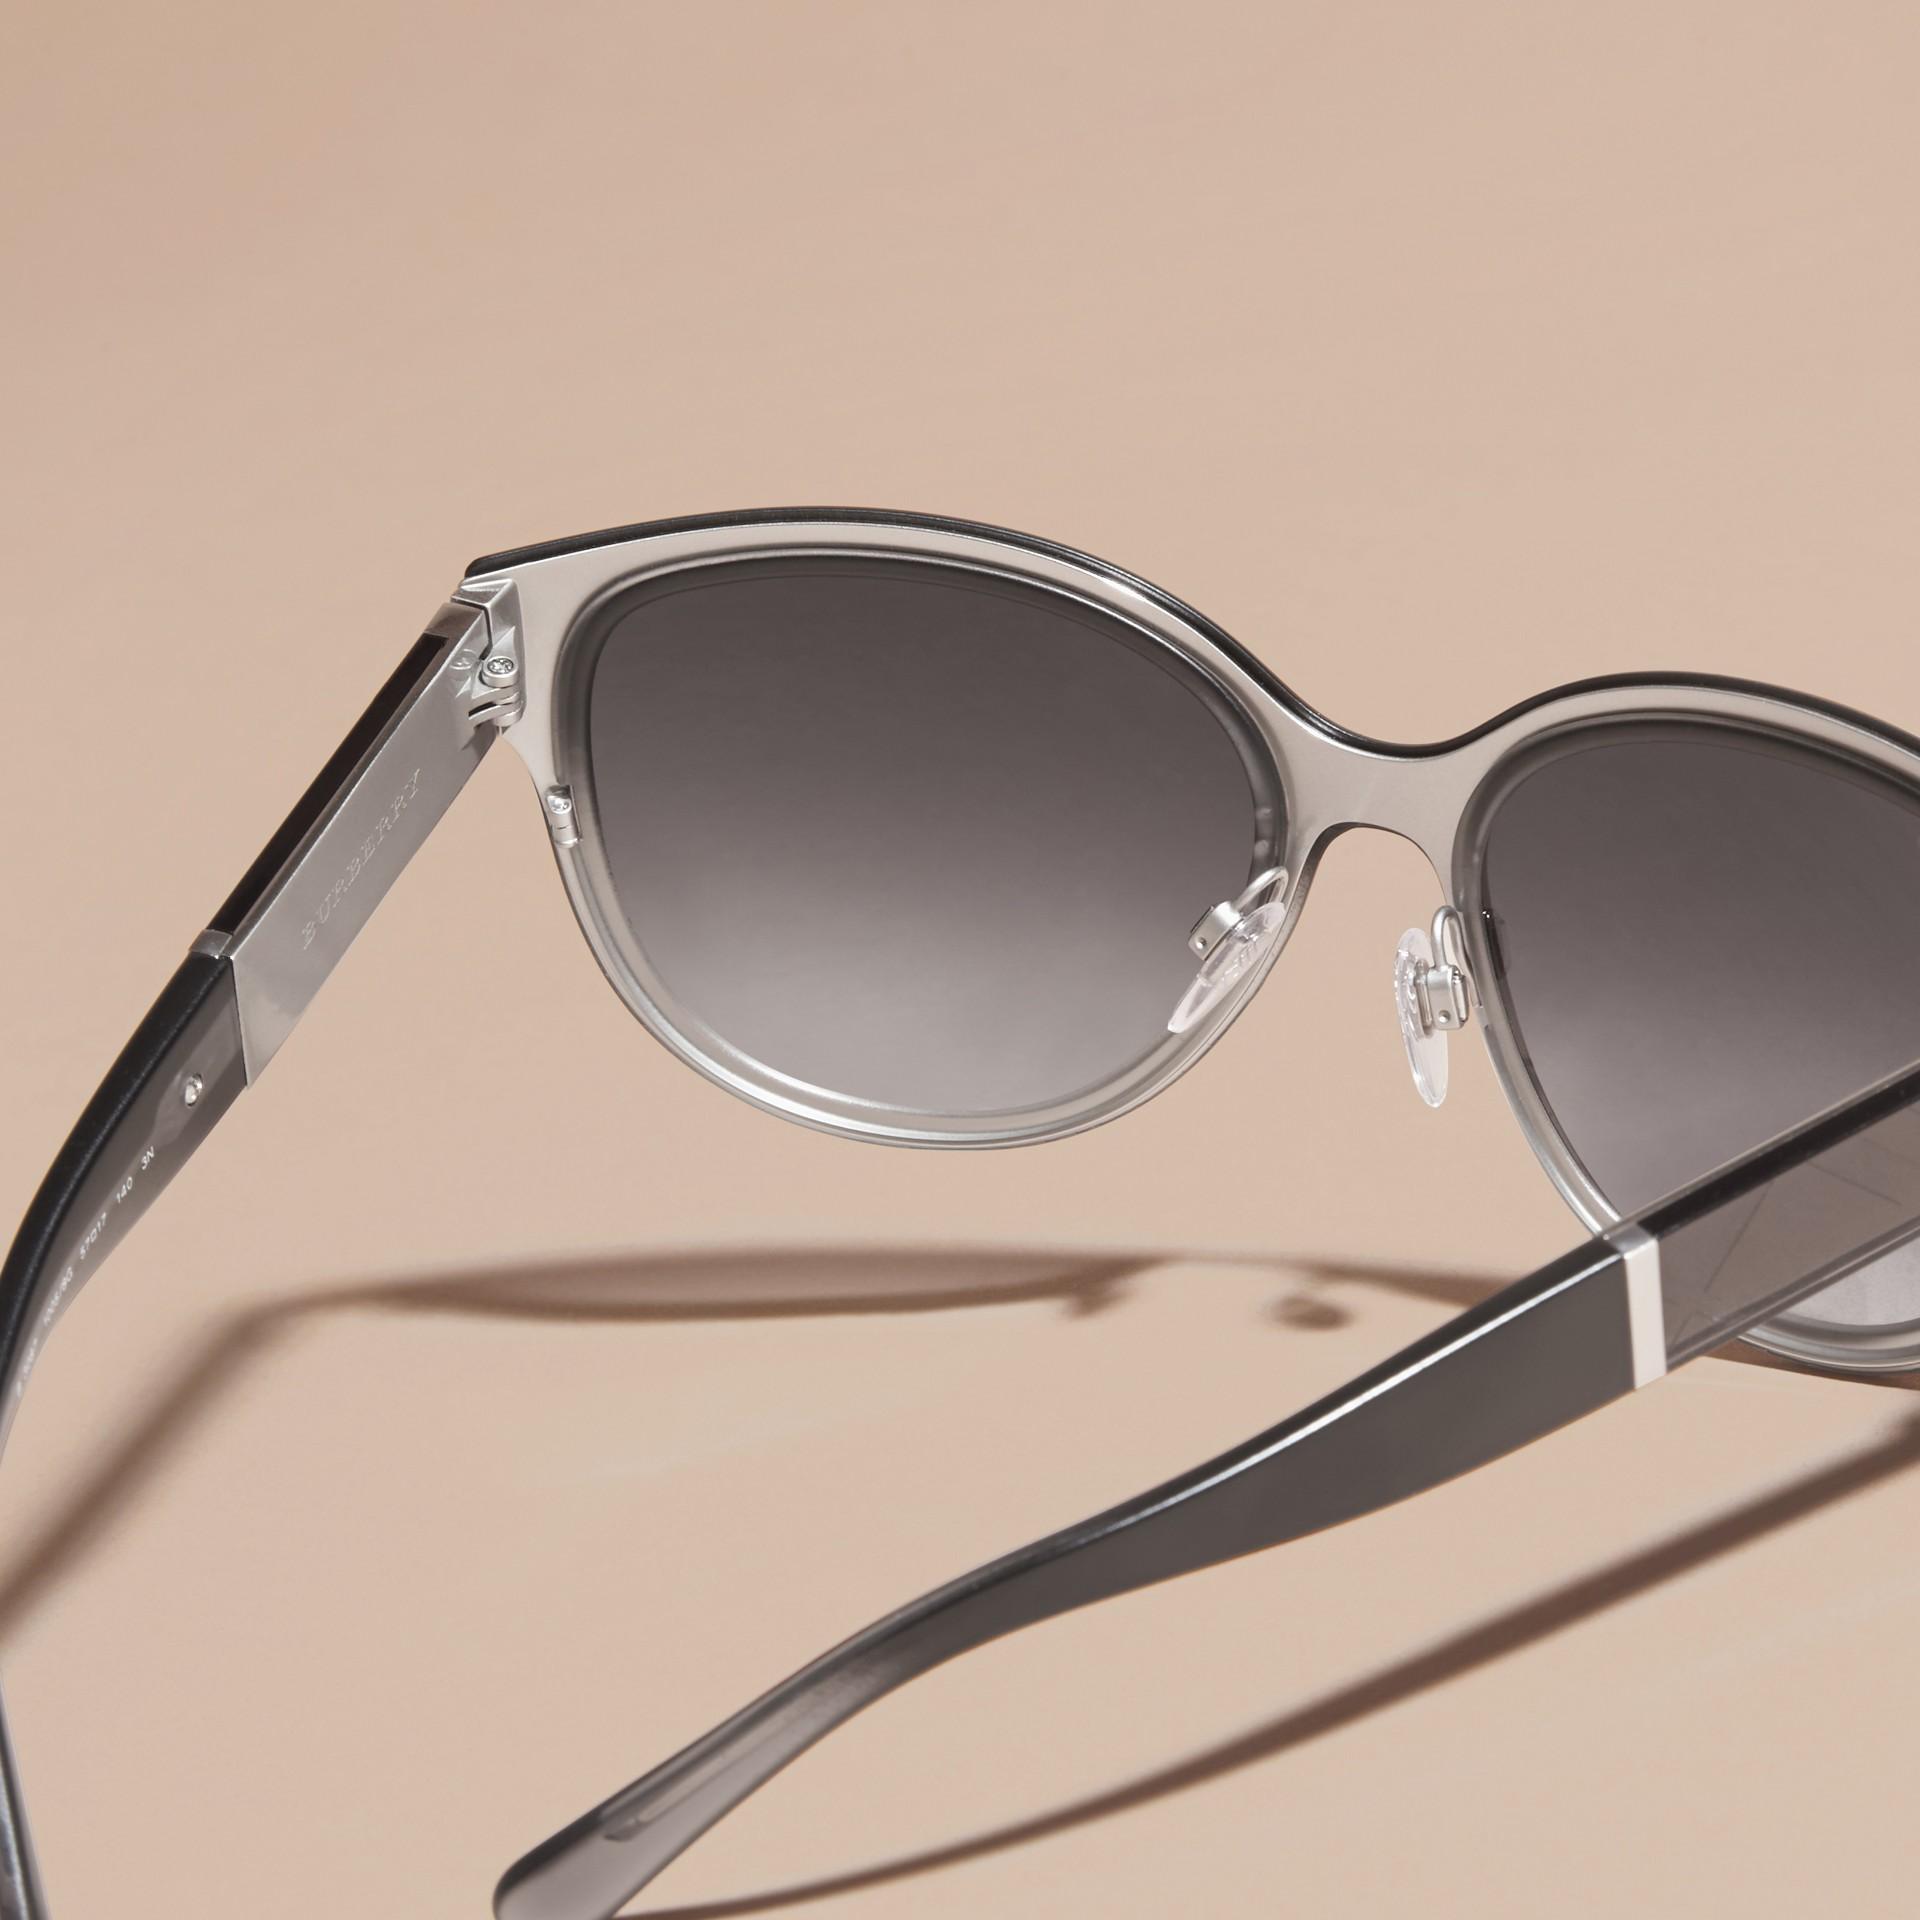 Nero Occhiali da sole con montatura cat-eye tonda e dettaglio check Nero - immagine della galleria 4